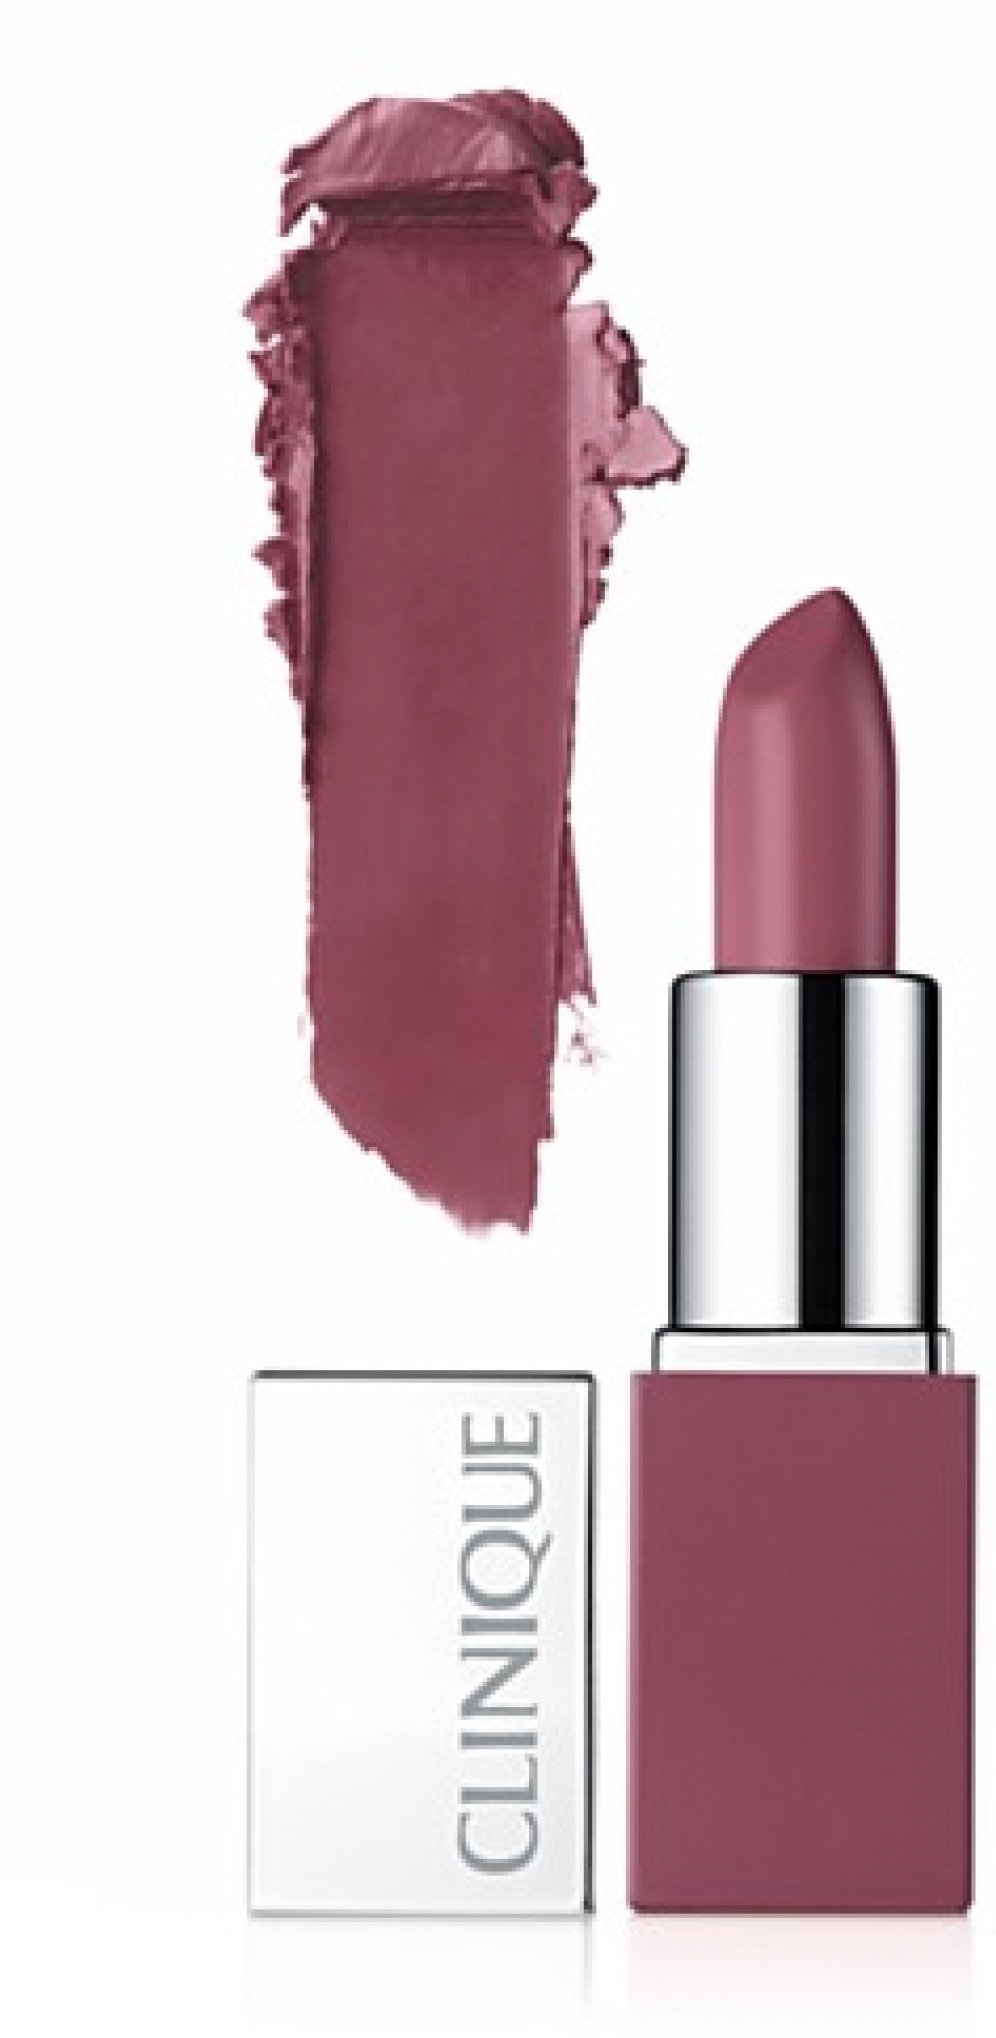 Clinique Pop Lip Colour + Primer. #14 Plum Pop, Deluxe Travel Size, .08 oz